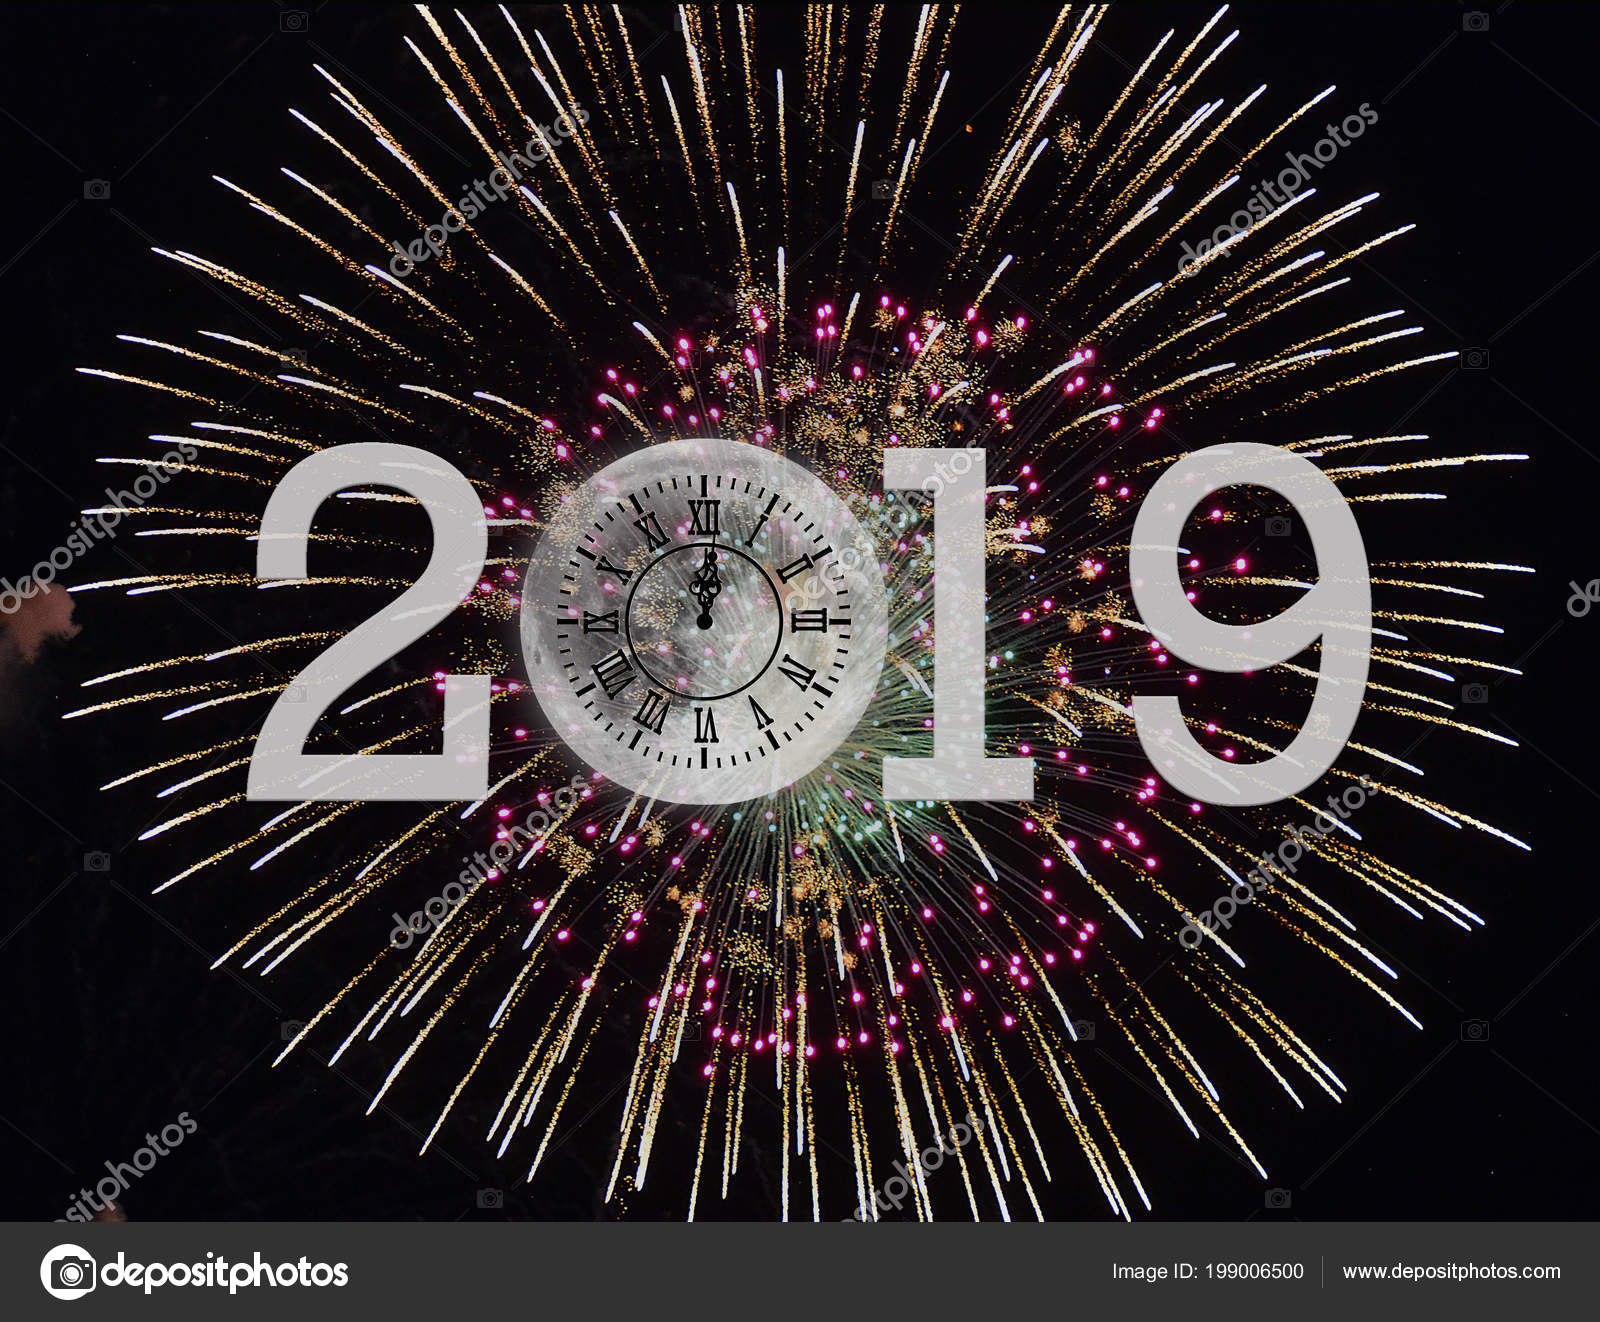 nouvel 2019 horloge feux artifice avec pleine lune sur fond photographie jentara 199006500. Black Bedroom Furniture Sets. Home Design Ideas